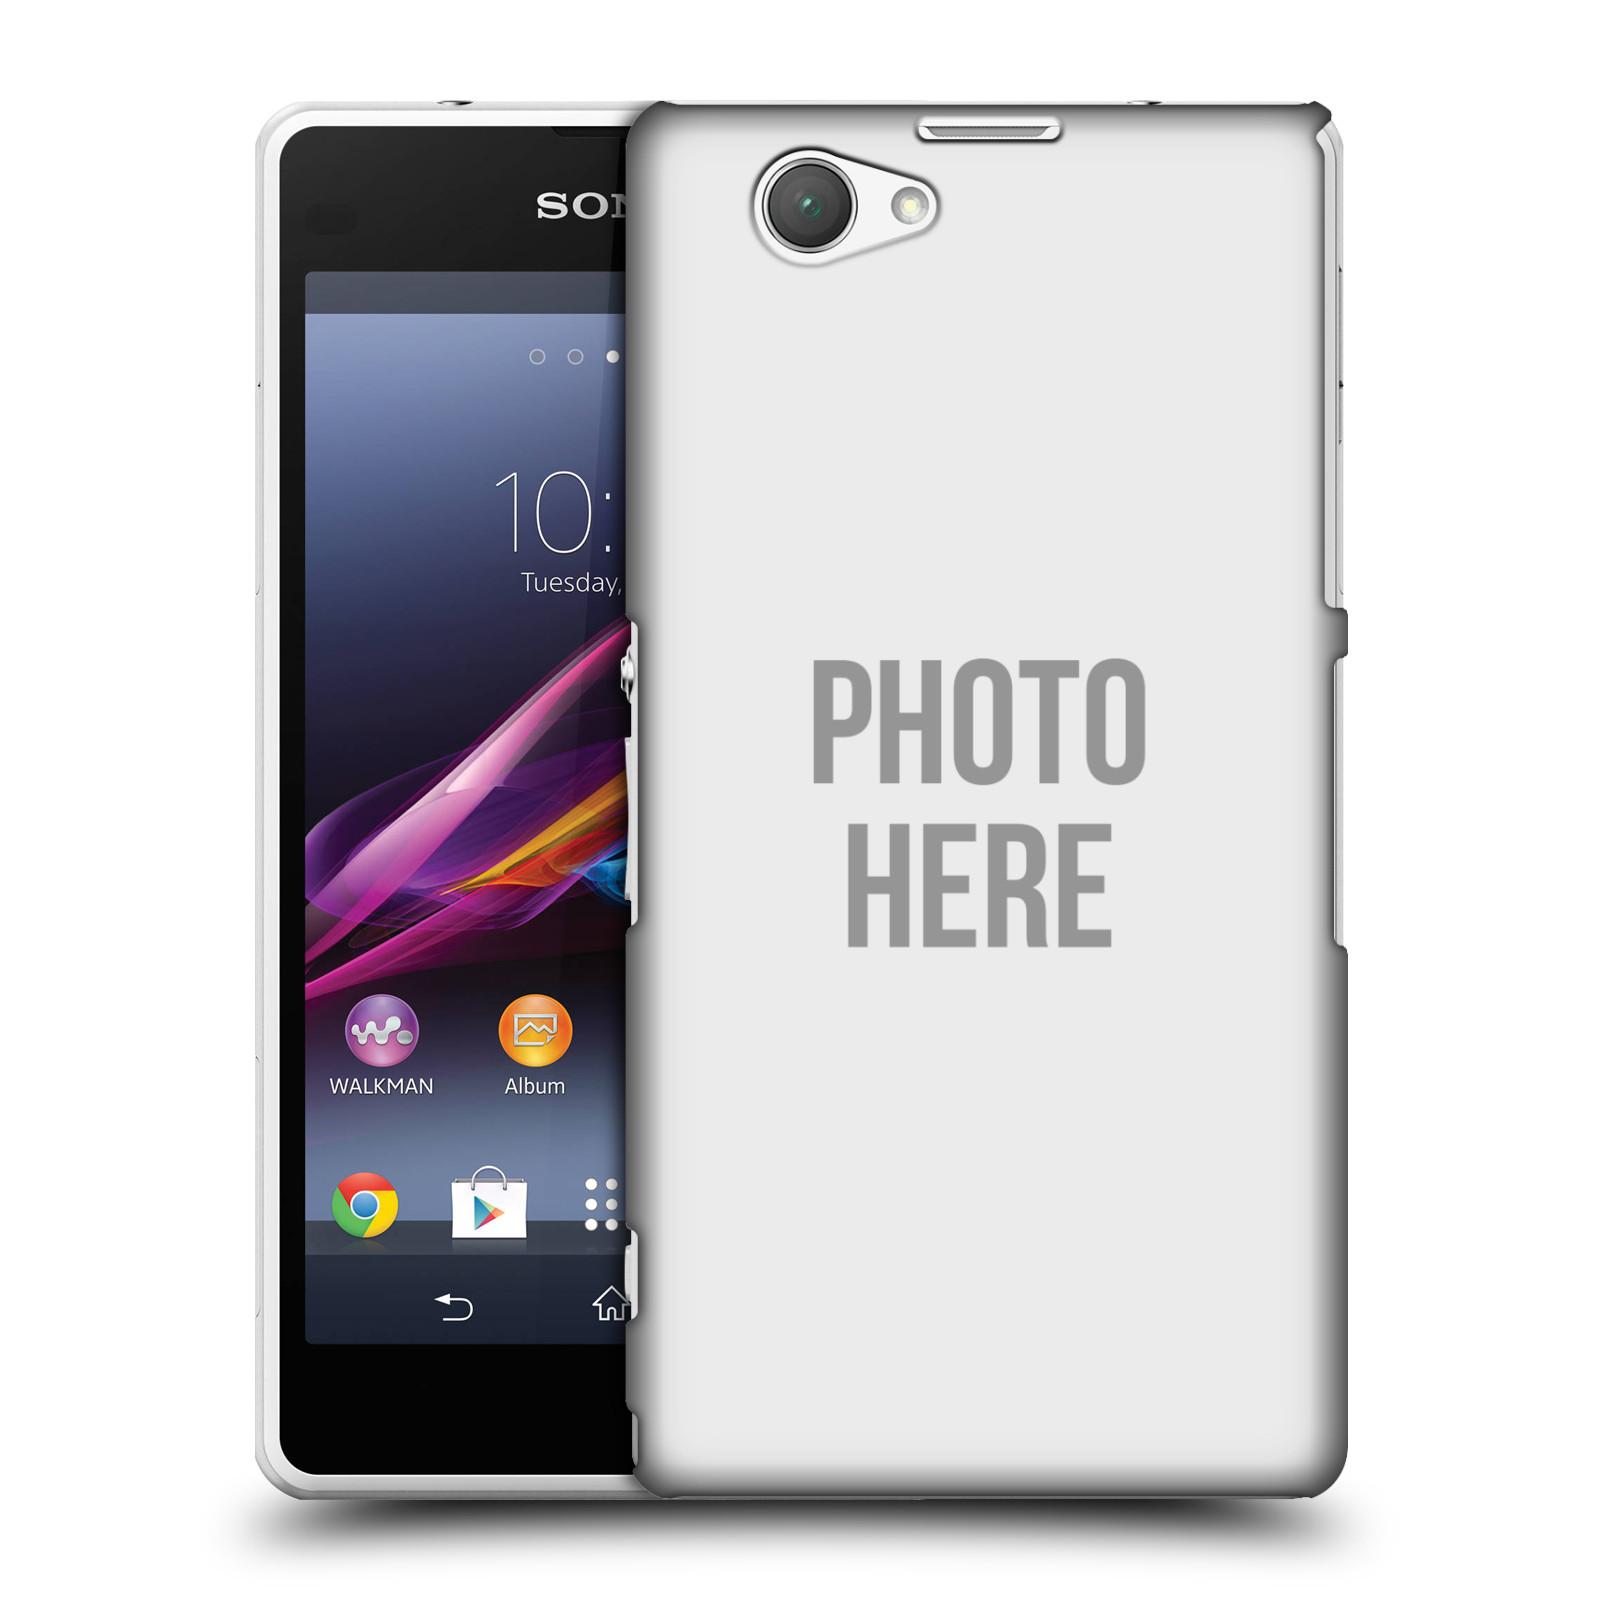 Plastové pouzdro na mobil Sony Xperia Z1 Compact D5503 HEAD CASE s vlastním motivem (Kryt či obal s vlastní fotografií na mobilní telefon Sony Xperia Z1 Compact)